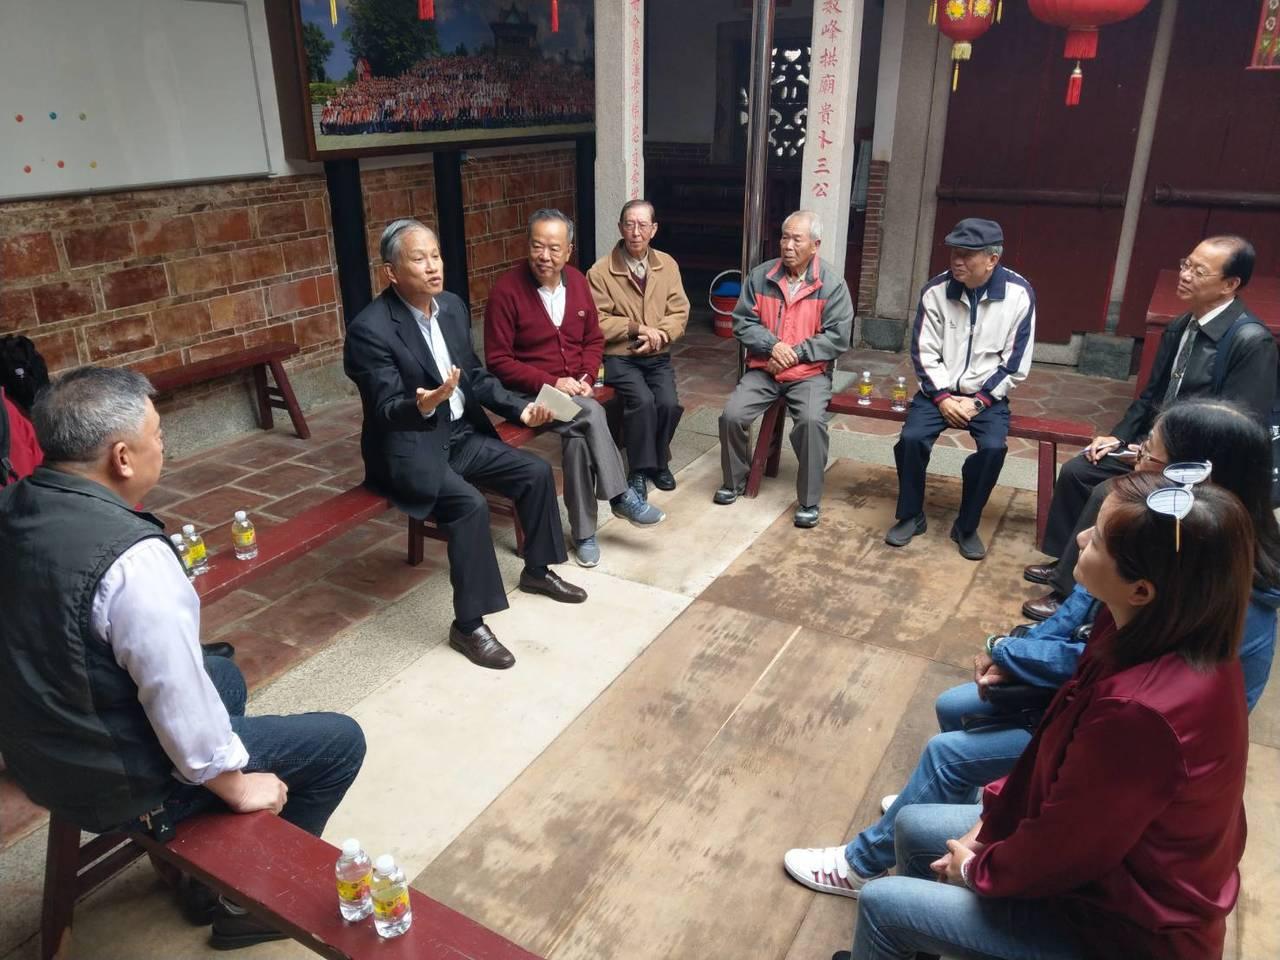 前立法院長王金平將於3月20日在金門成立後援會,今天派國會辦公室顧問、退役將軍陳...